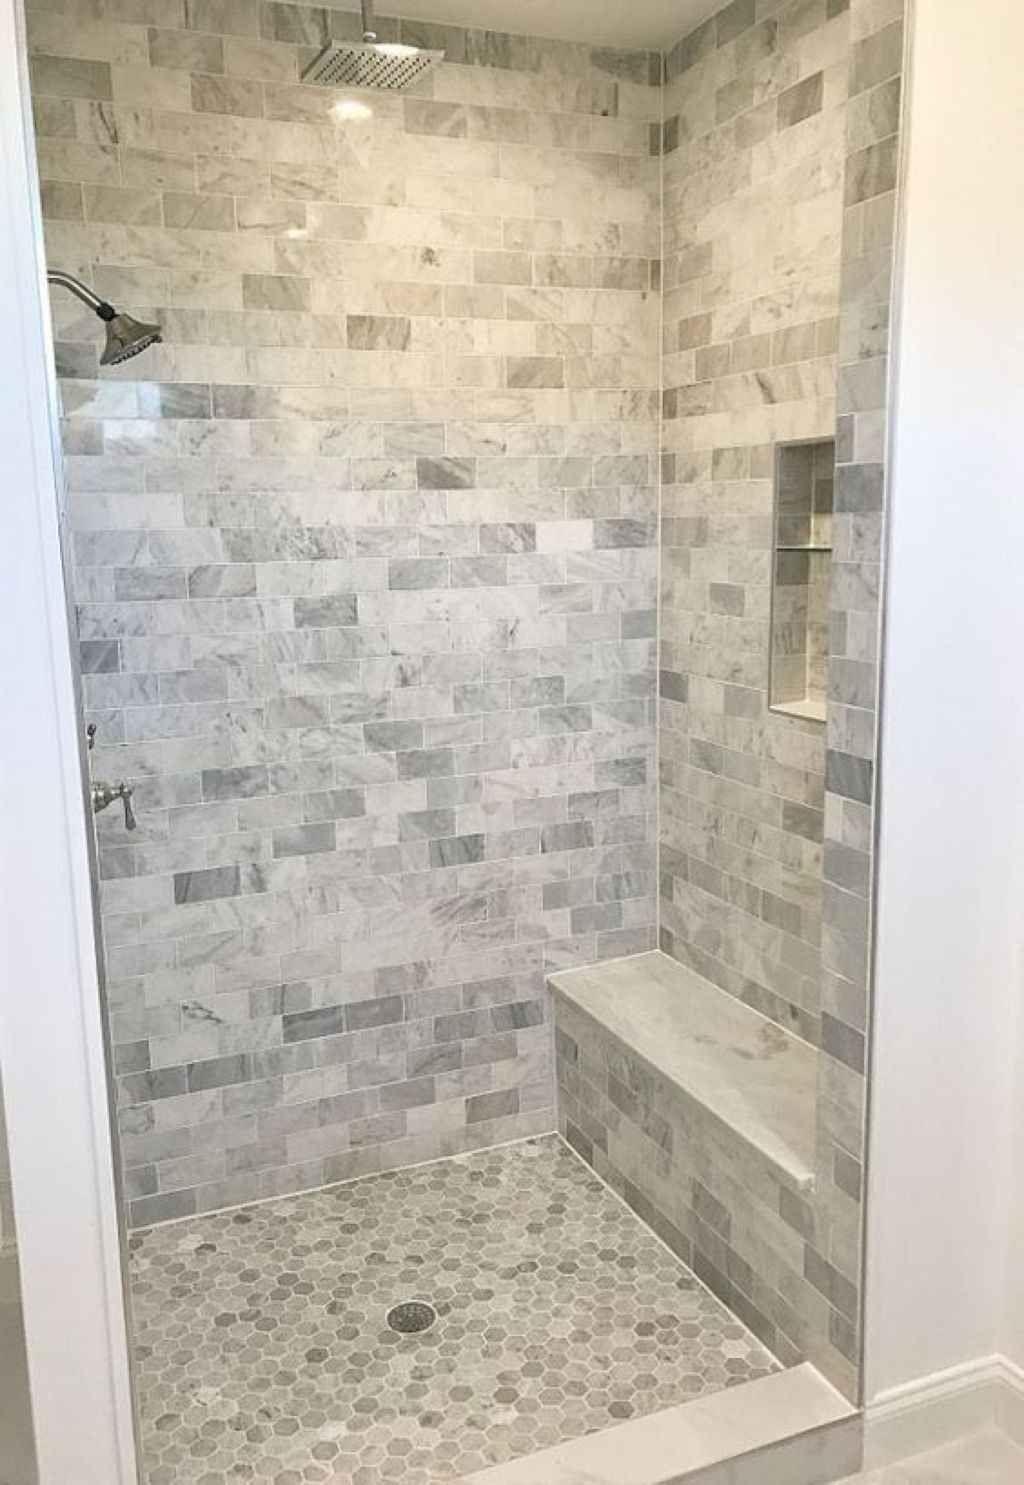 Nice 70 Insane Farmhouse Shower Tiles Remodel Ideas Https Homeideas Co 12151 70 Insane Farmho Farmhouse Shower Bathroom Remodel Shower Small Bathroom Remodel